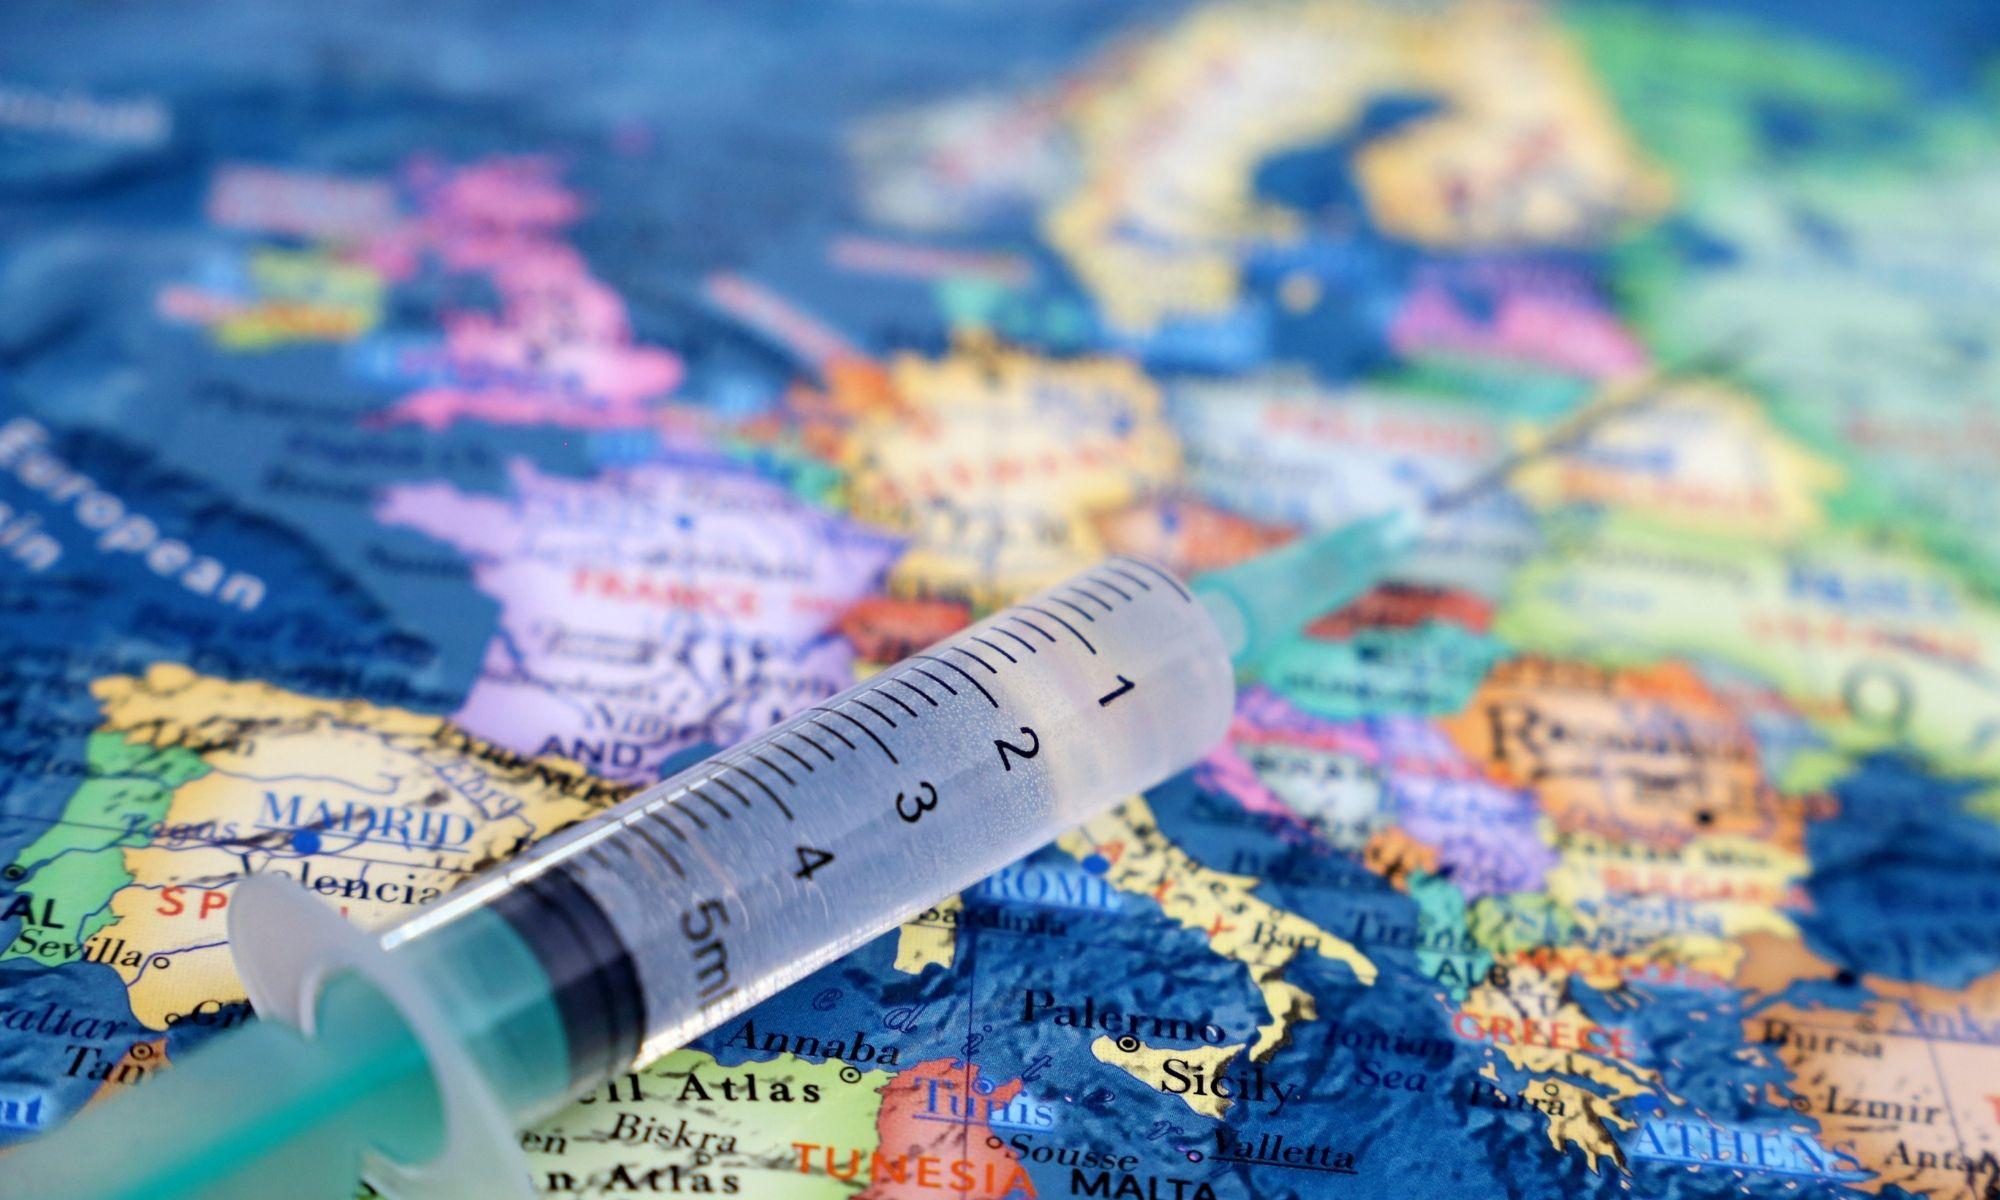 Covid-19 : Les frontières s'ouvrent en Europe pour les voyageurs entièrement vaccinés.